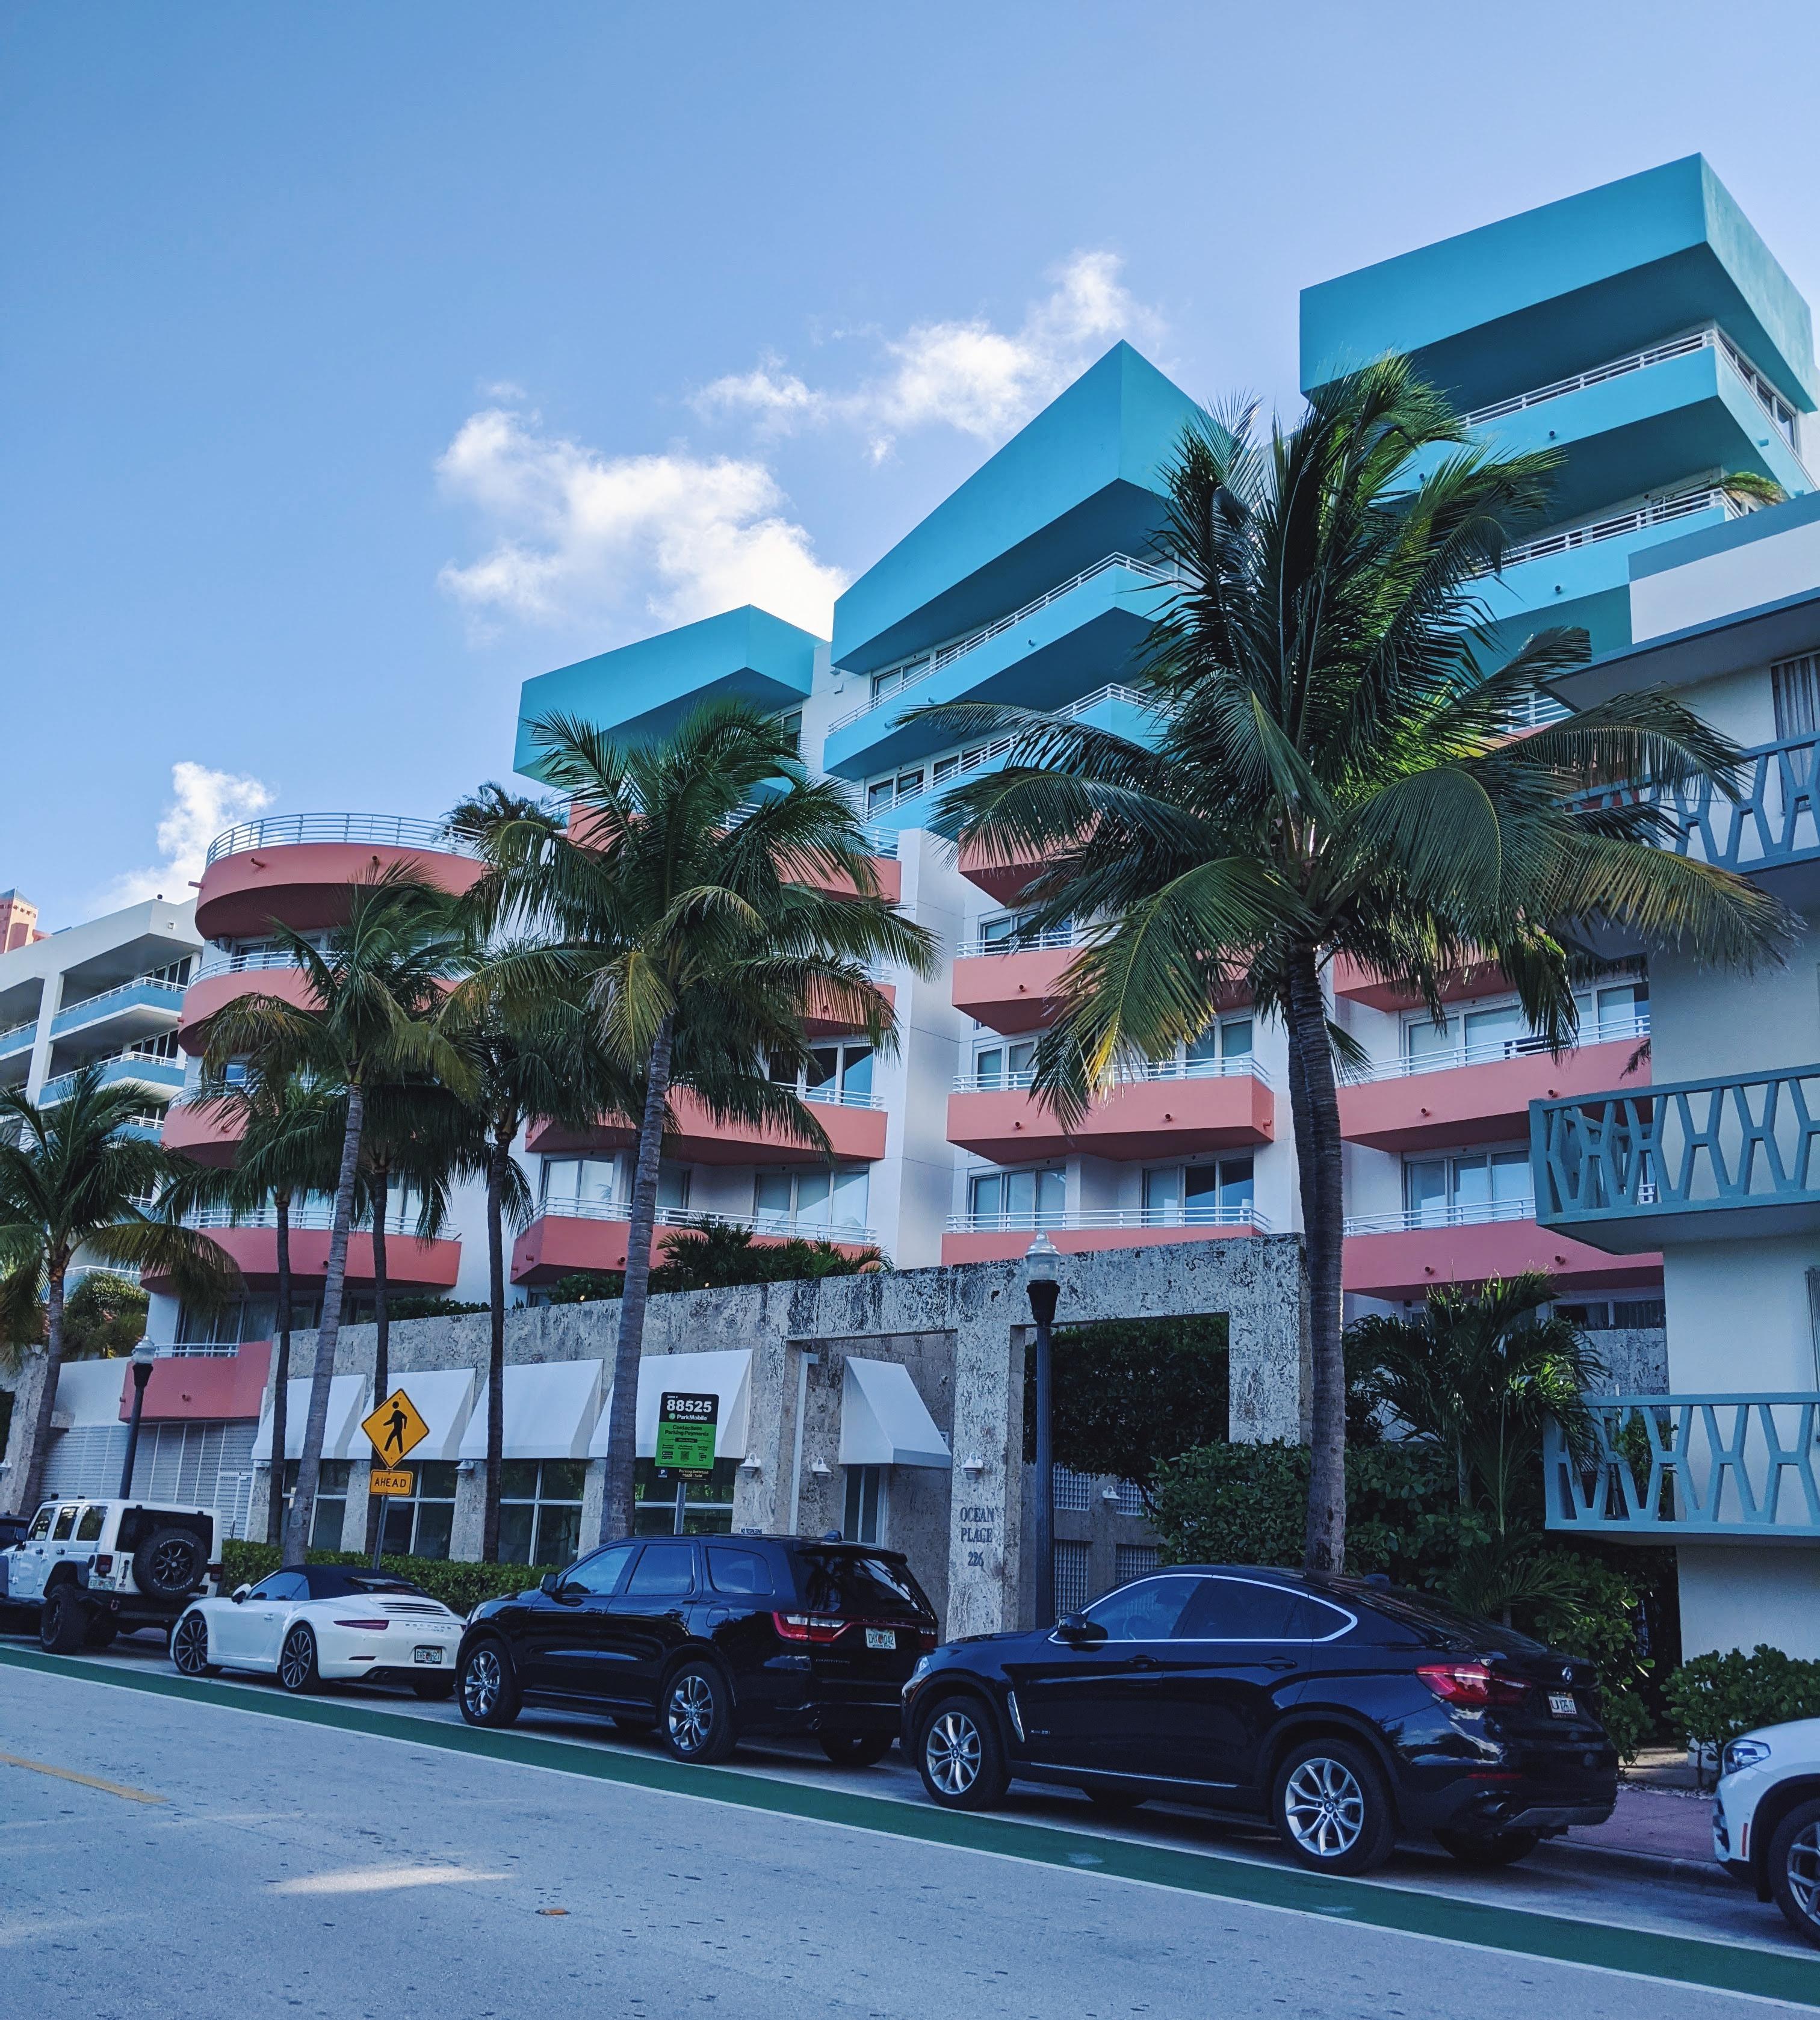 ארט דקו אומנות לייפסטייל חופשה במיאמי